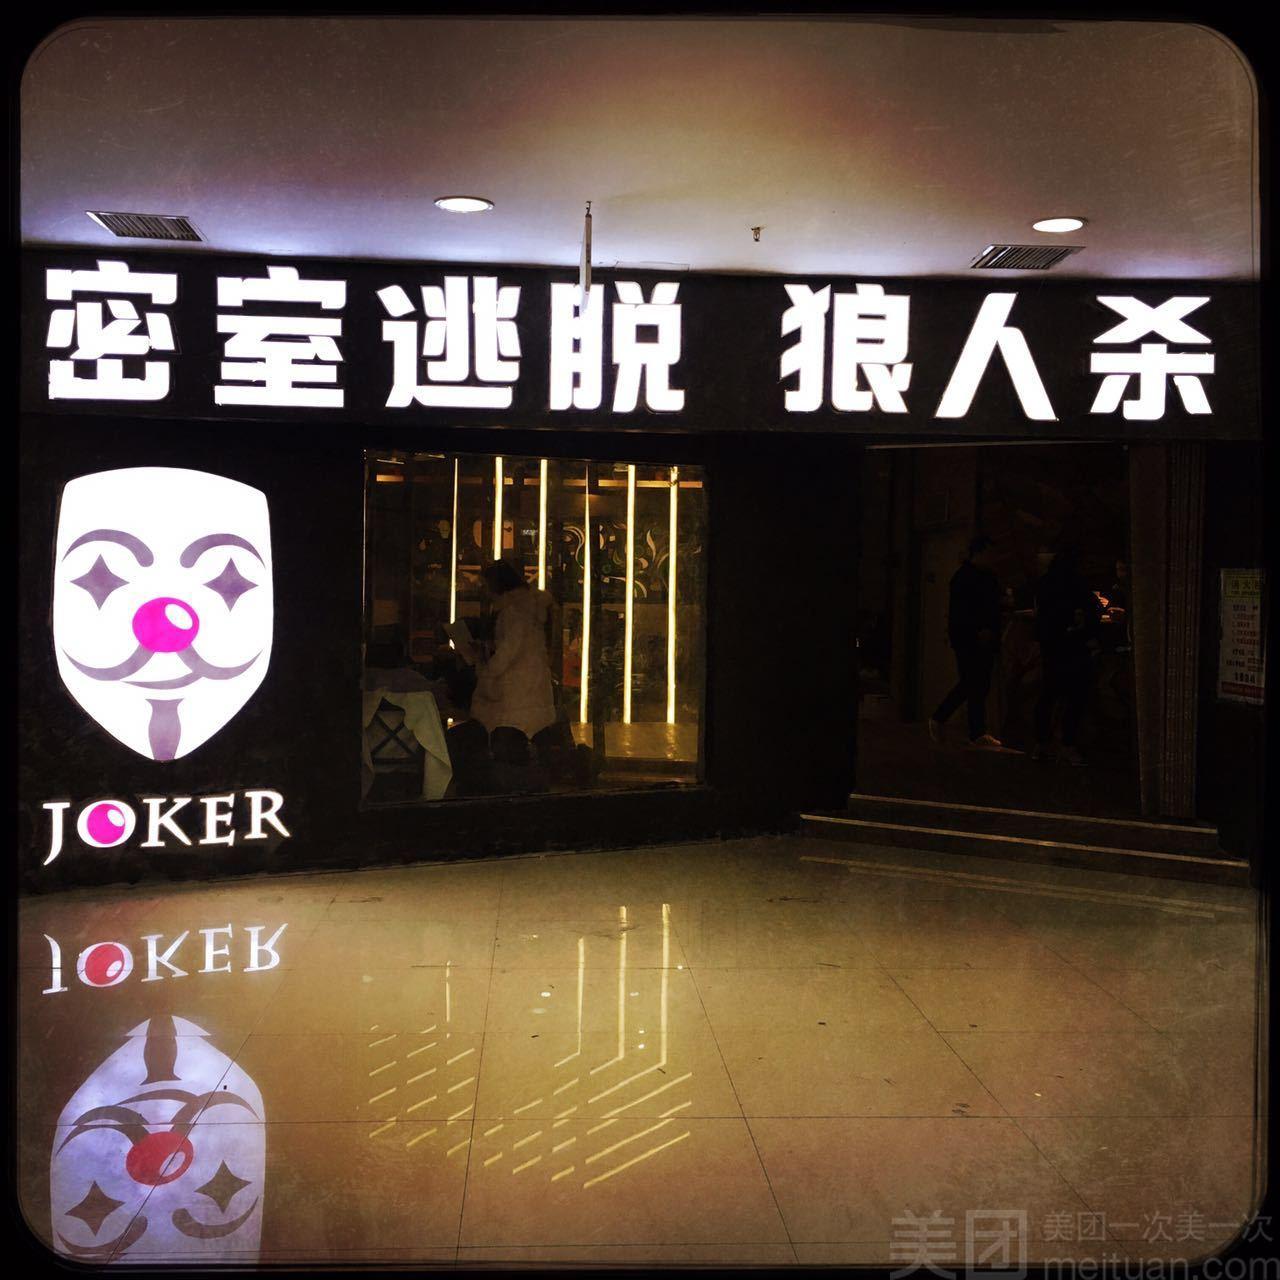 JOKER密室逃脱/狼人杀-美团